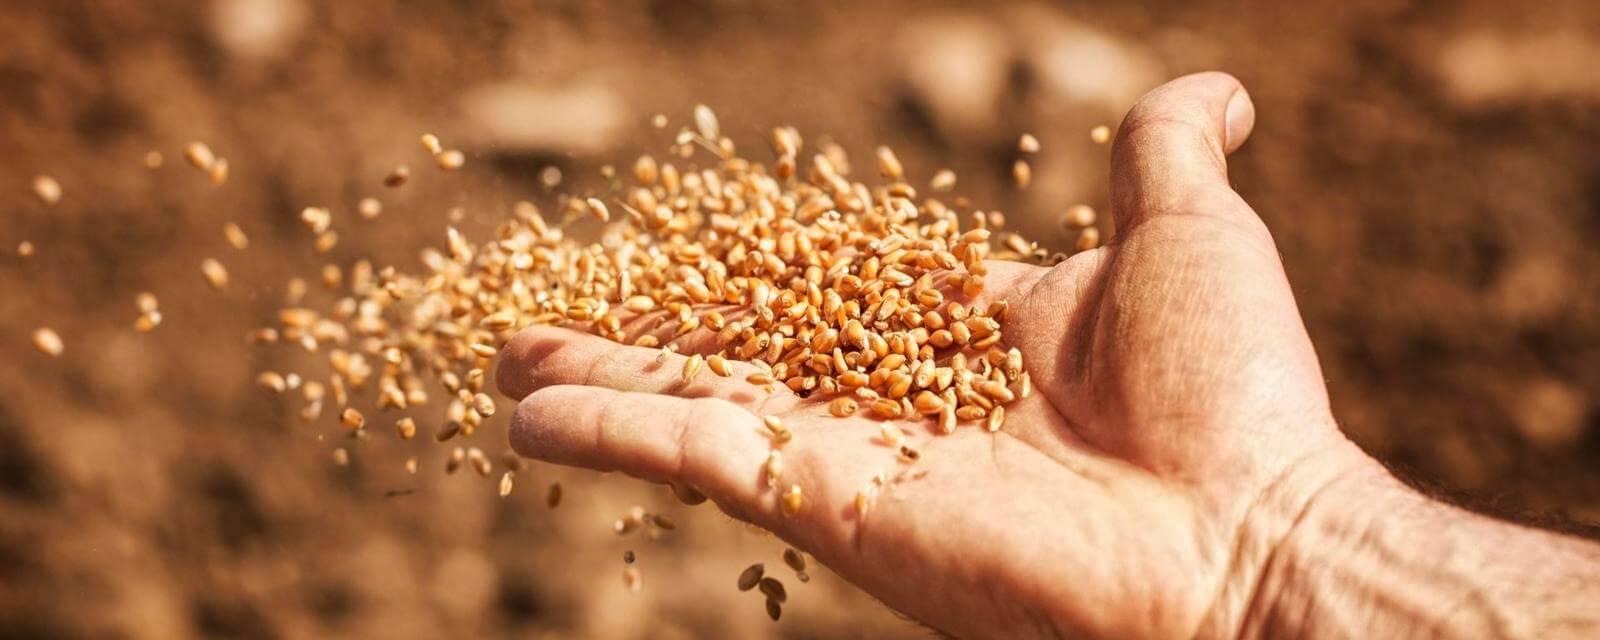 Как собирают дикие семена на случай апокалипсиса